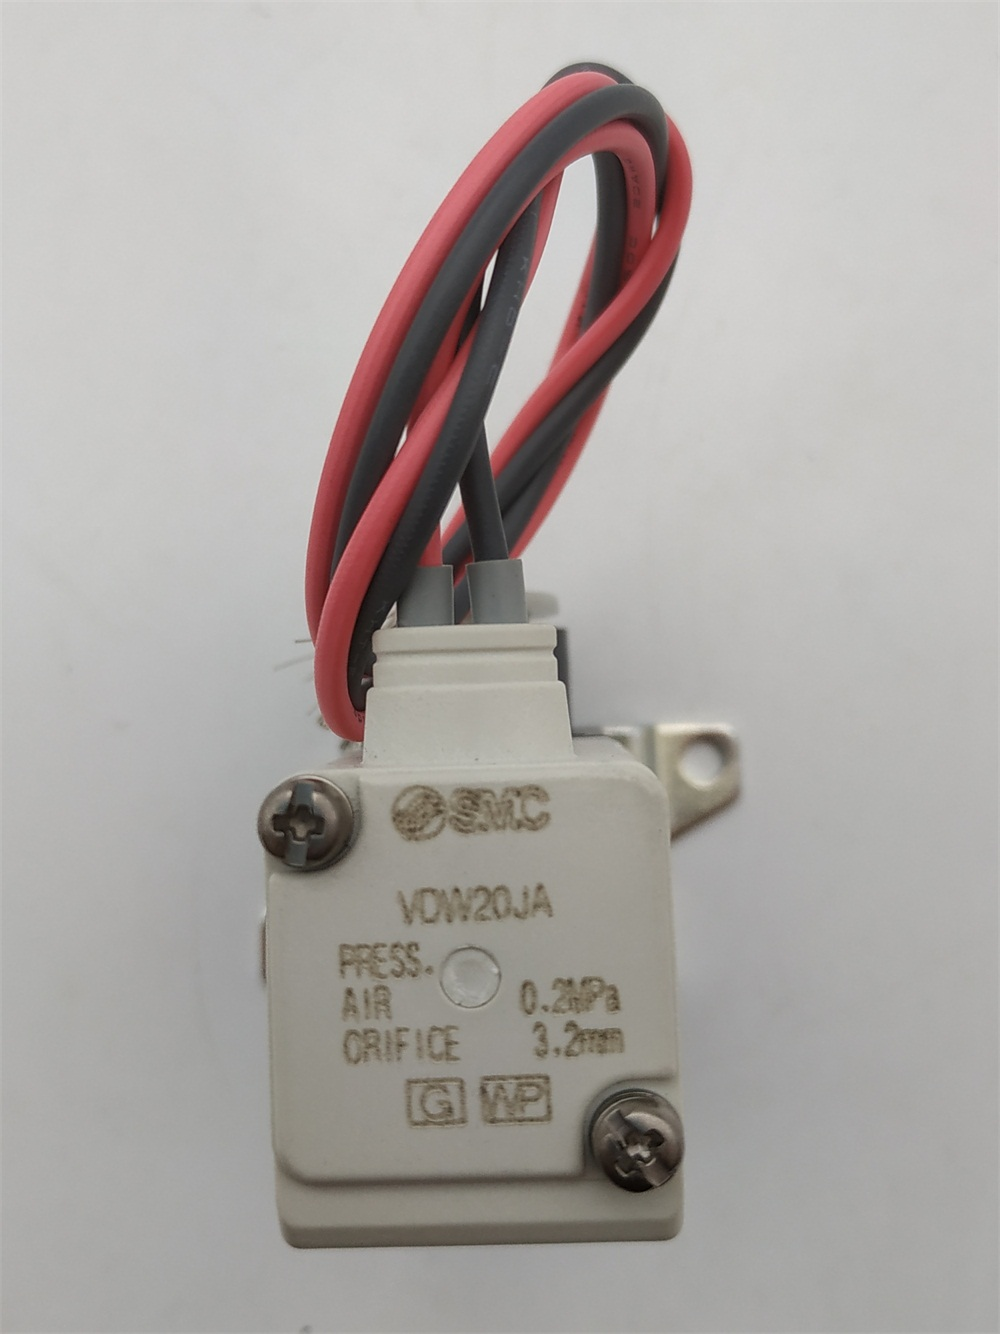 日本SMC原裝VDW20JA電磁閥廠商出售-供應廣東高質量的日本SMC原裝 VDW20JA電磁閥